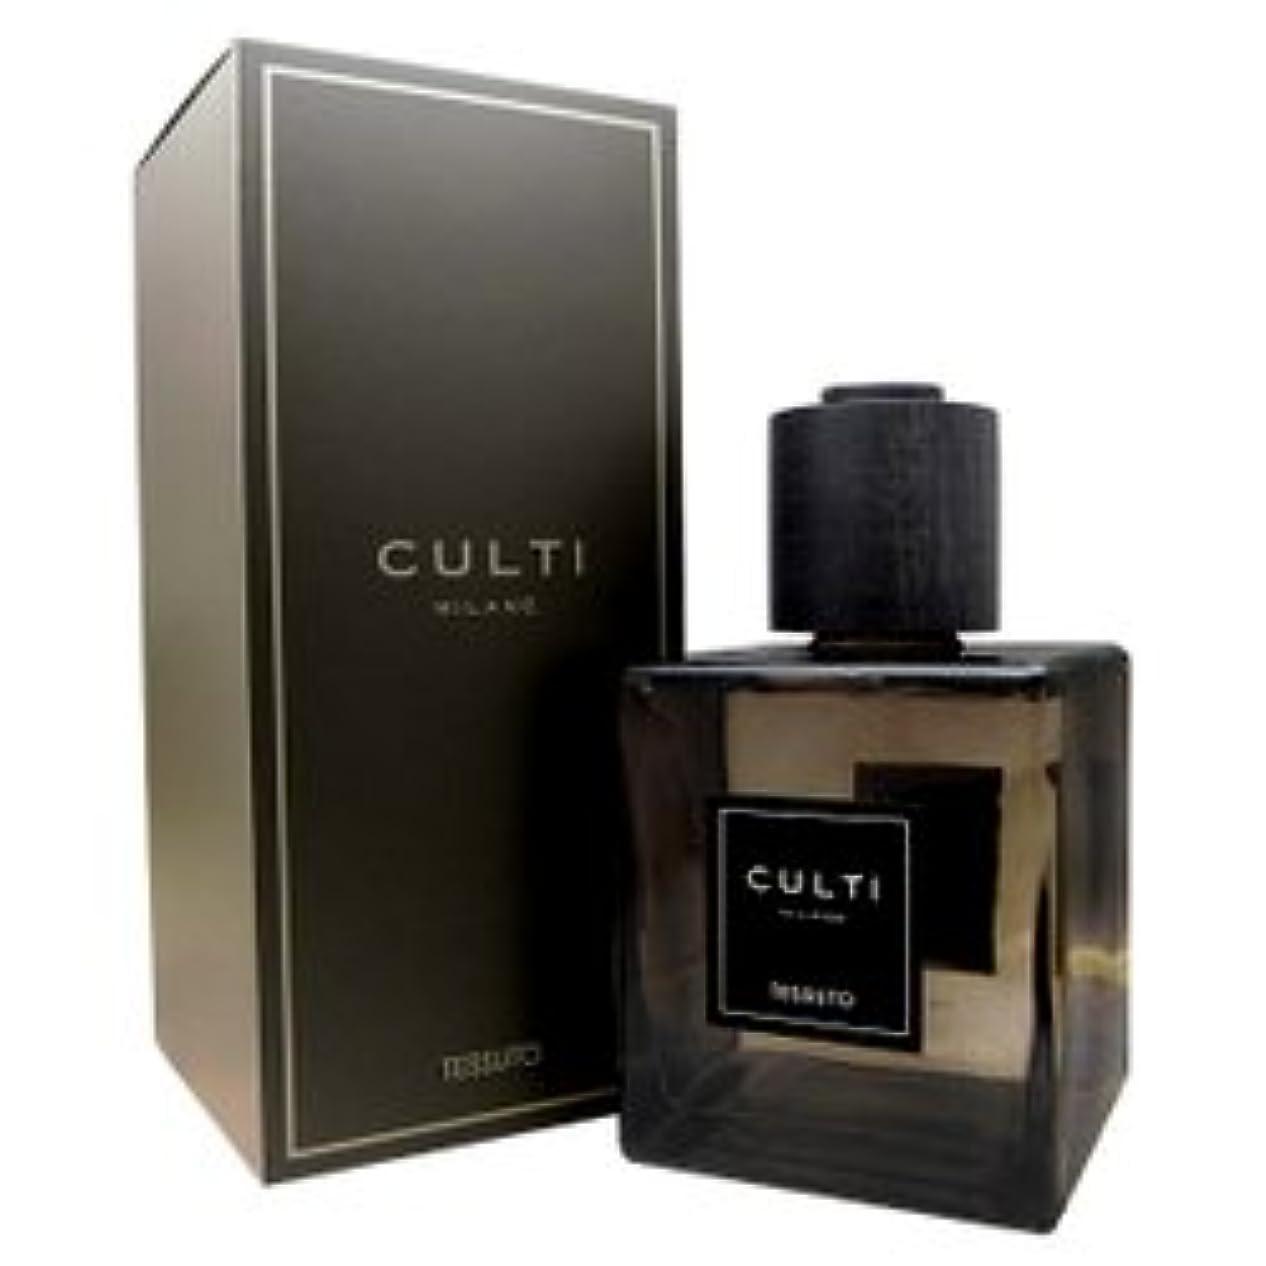 反抗ピルファーストロー【CULTI】クルティ デコールクラシック TESSUTO 500ml [並行輸入品]